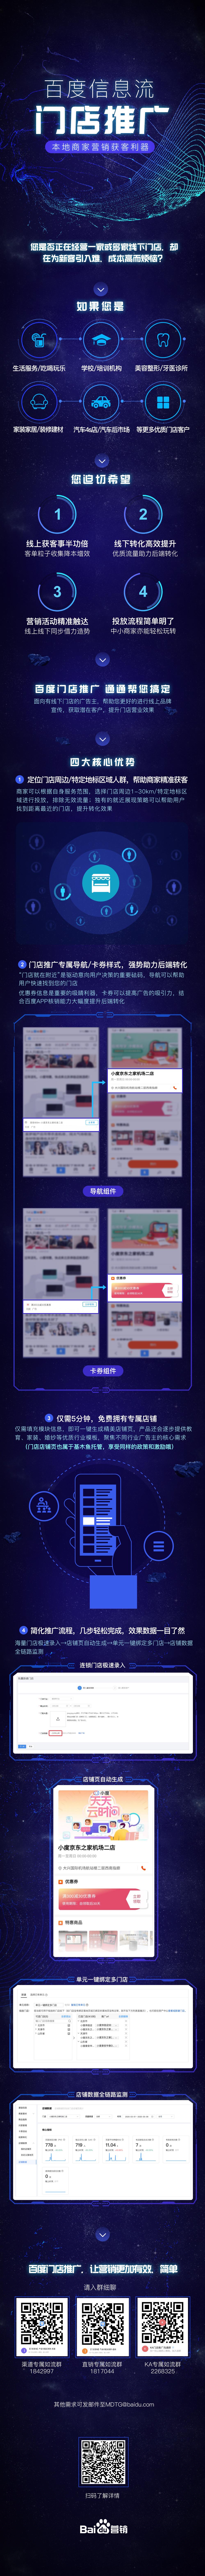 门店推广全新上线_v11.jpg